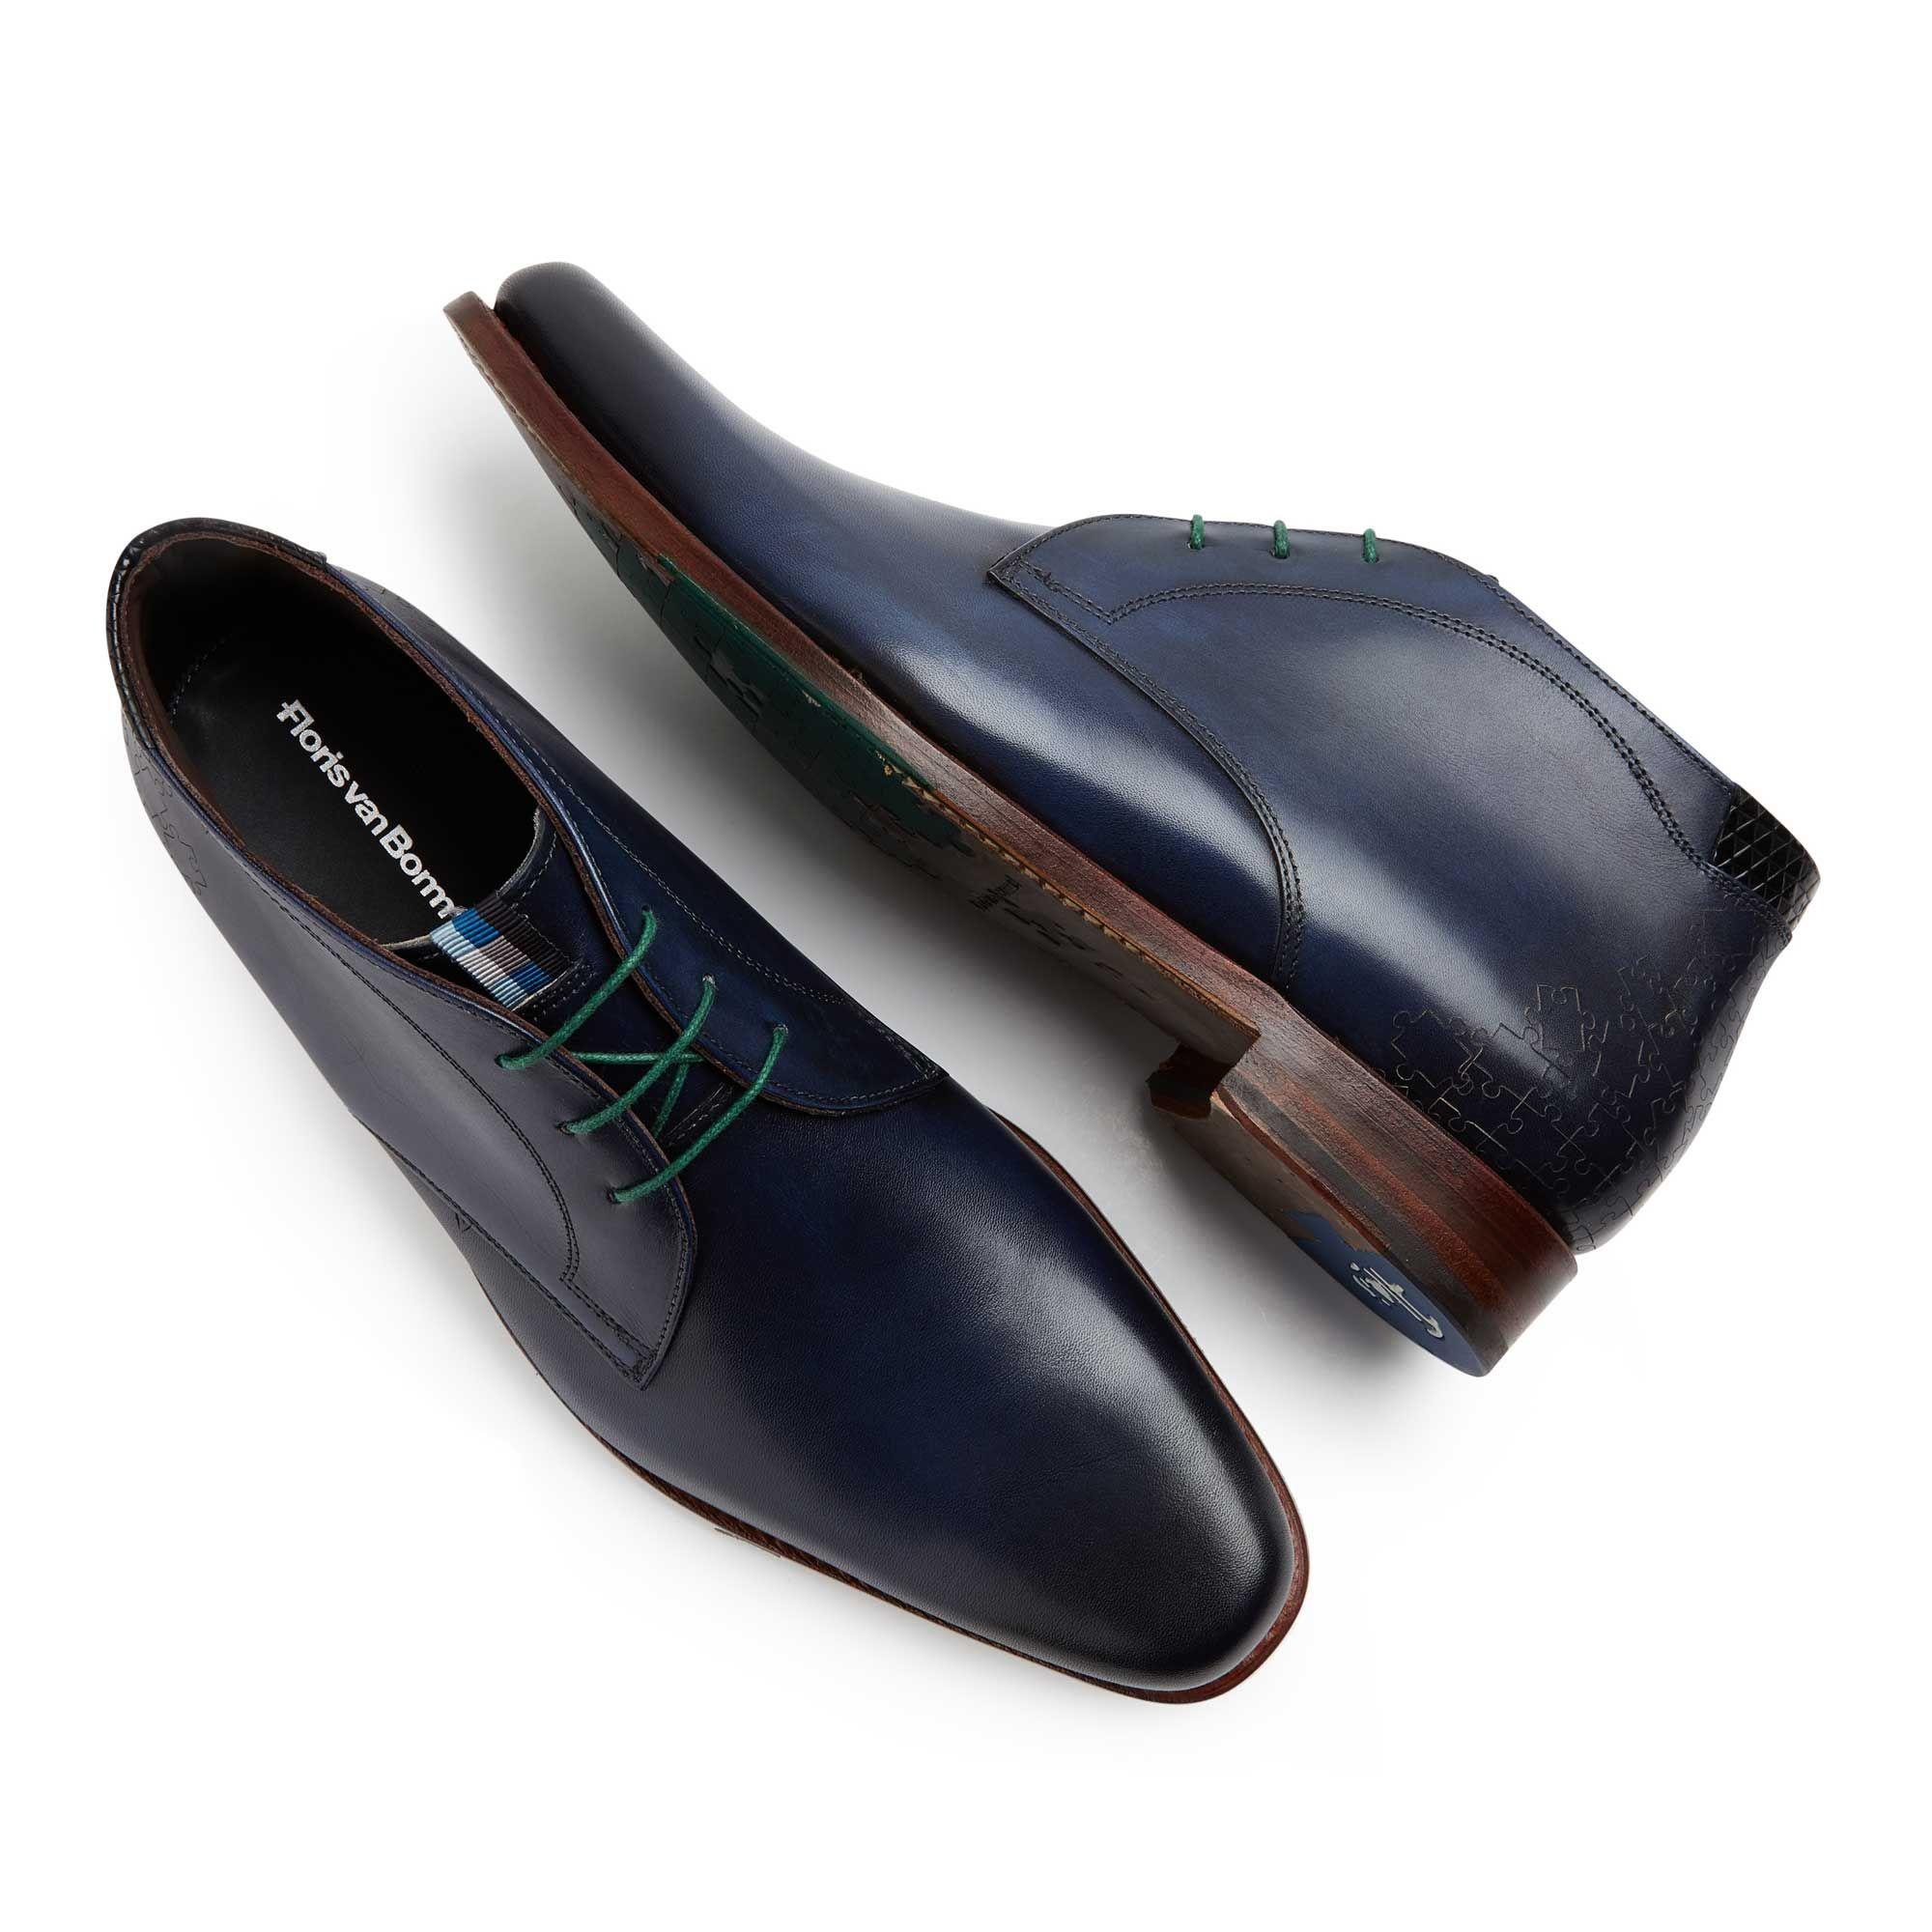 9e6ac8f0a8 10897 02 - Floris van Bommel dark blue leather men s lace boot ...